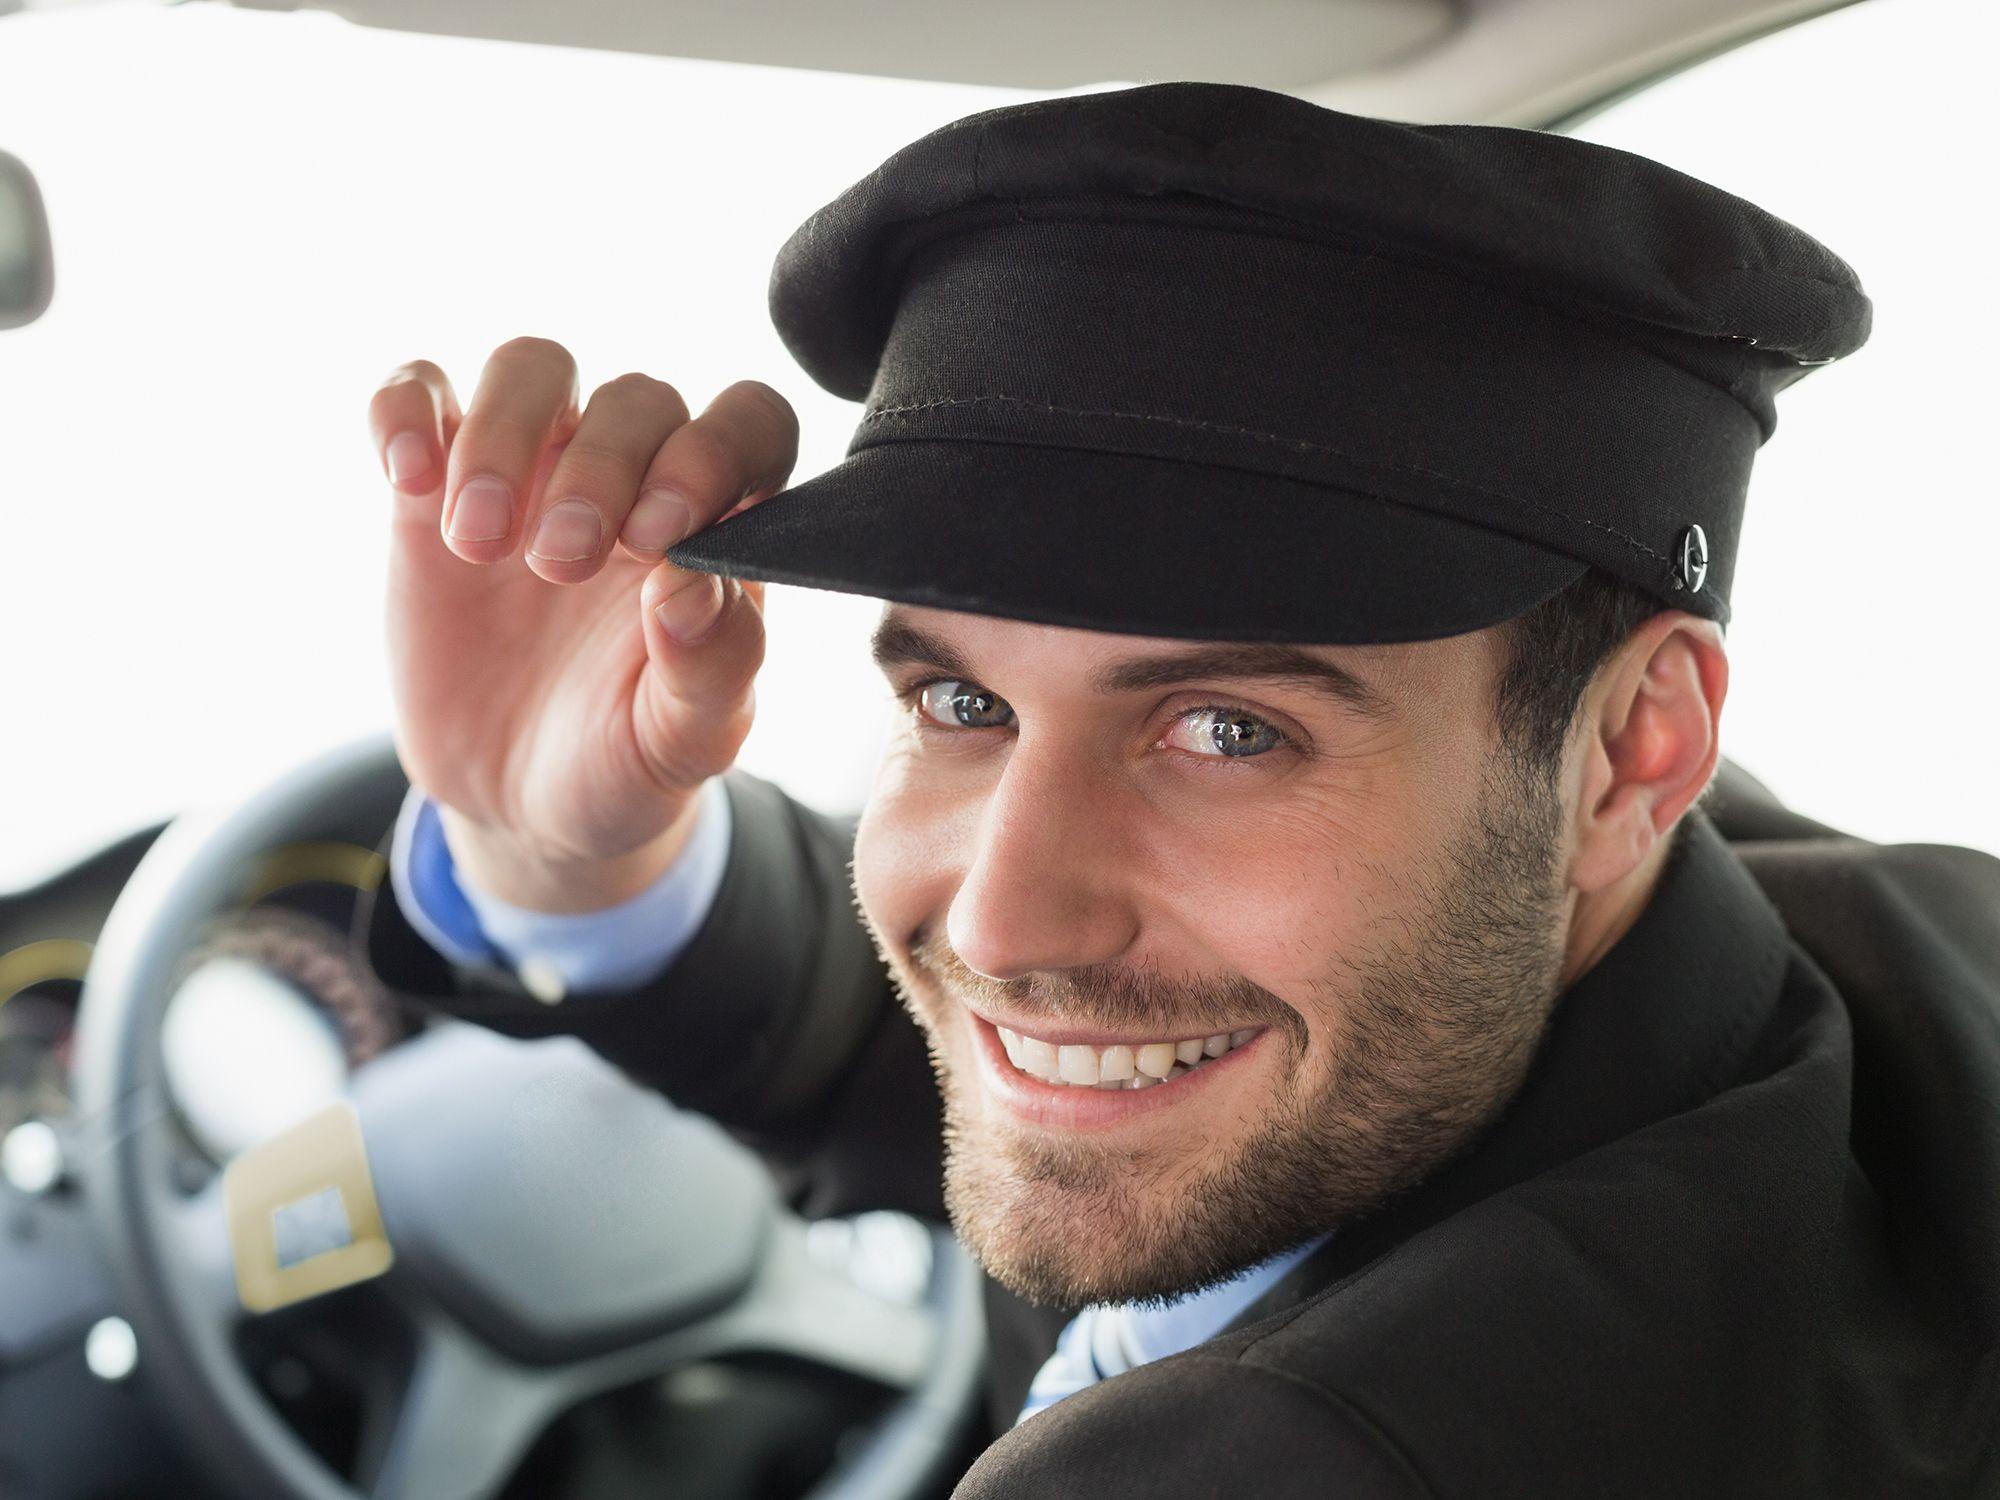 Level 5 - Chauffeure, VIP Cheuffeure, Driver, Fahrer, Leiharbeiter, Zeitarbeiter, Leiharbeitnehmer, Leihkraft, Temporärarbeiter für Chauffeur Service, Limousinenservice, Chauffeurservice, Events, Messen, Veranstaltungen, Hochzeiten, Festen und Kongressen bei uns als Chauffeurdienstagentur, Fahrer Agentur, Chauffeurdienst Agentur, Personalagentur, Zeitarbeitsfirma, Zeitarbeitsunternehmen, Personal-Service-Agentur, Personaldienstleistungsagentur und Leiharbeitsfirma per Arbeitnehmer-Leasing, Arbeitnehmerüberlassung, Arbeitskräfte-Leasing, Arbeitskräfteüberlassung, Arbeitskraftüberlassung, Leiharbeit, Mitarbeiter-Leasing, Mitarbeiterleasing, Mitarbeiterüberlassung, Personaldienstleistung, Personalleasing, Personalüberlassung, Temporärarbeit, Zeitarbeit buchen, mieten, leihen oder langfristig neue Mitarbeiter für Jobs wie Fahrer Jobs, Chauffeur Jobs, Schülerjobs, Ferienjobs, Aushilfsjobs, Studentenjobs, Werkstudentenjobs, Saisonjobs, Vollzeit Jobs, Teilzeit Jobs, Nebenjobs, Temporär Jobs, Gelegenheitsjobs per Personalvermittlung suchen, finden und vermittelt bekommen.